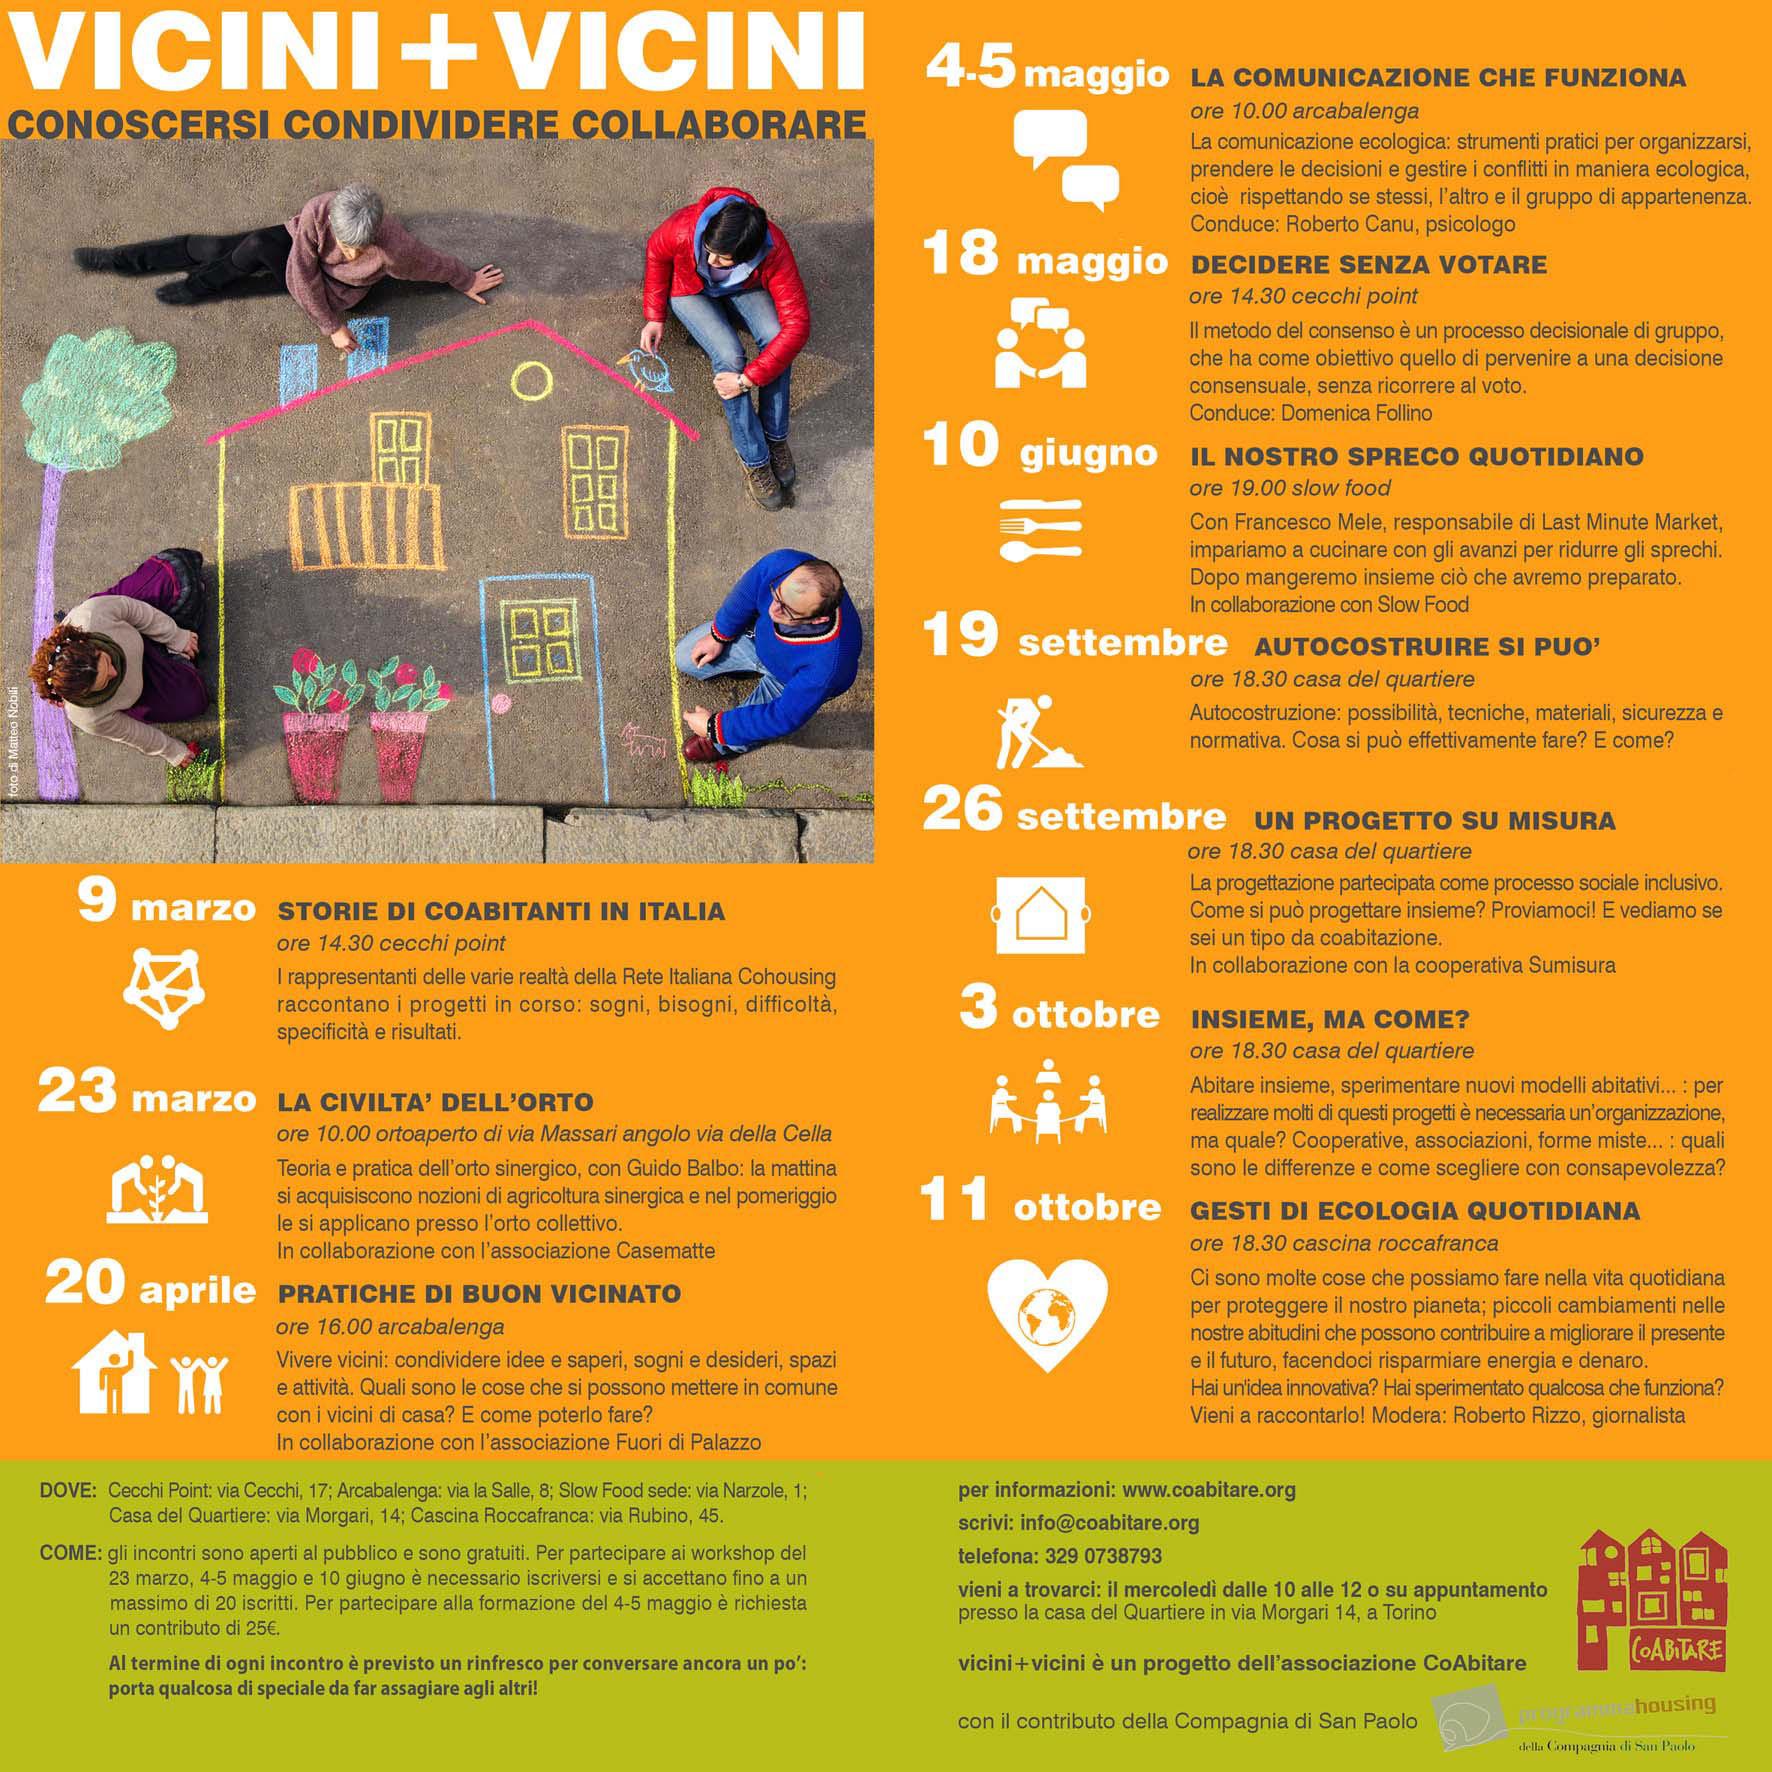 coabitare_programma vicini+vicini_email